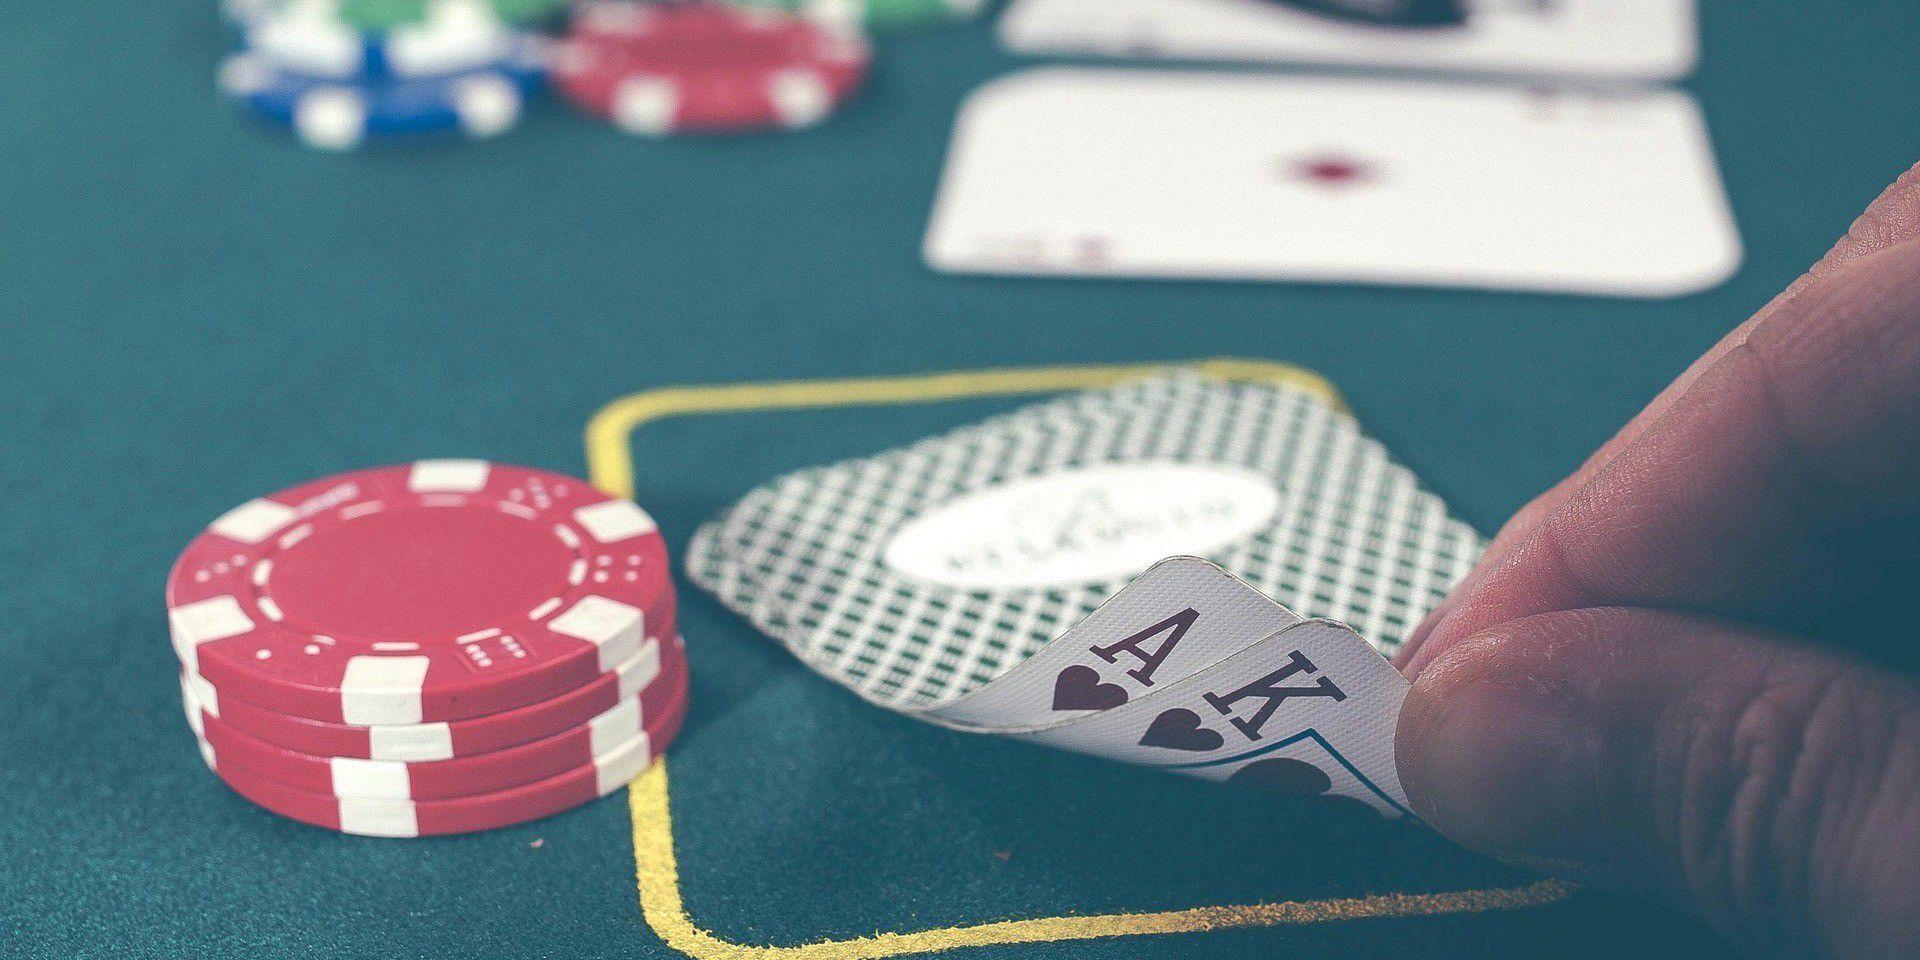 online casino deutschland legal casino spiele